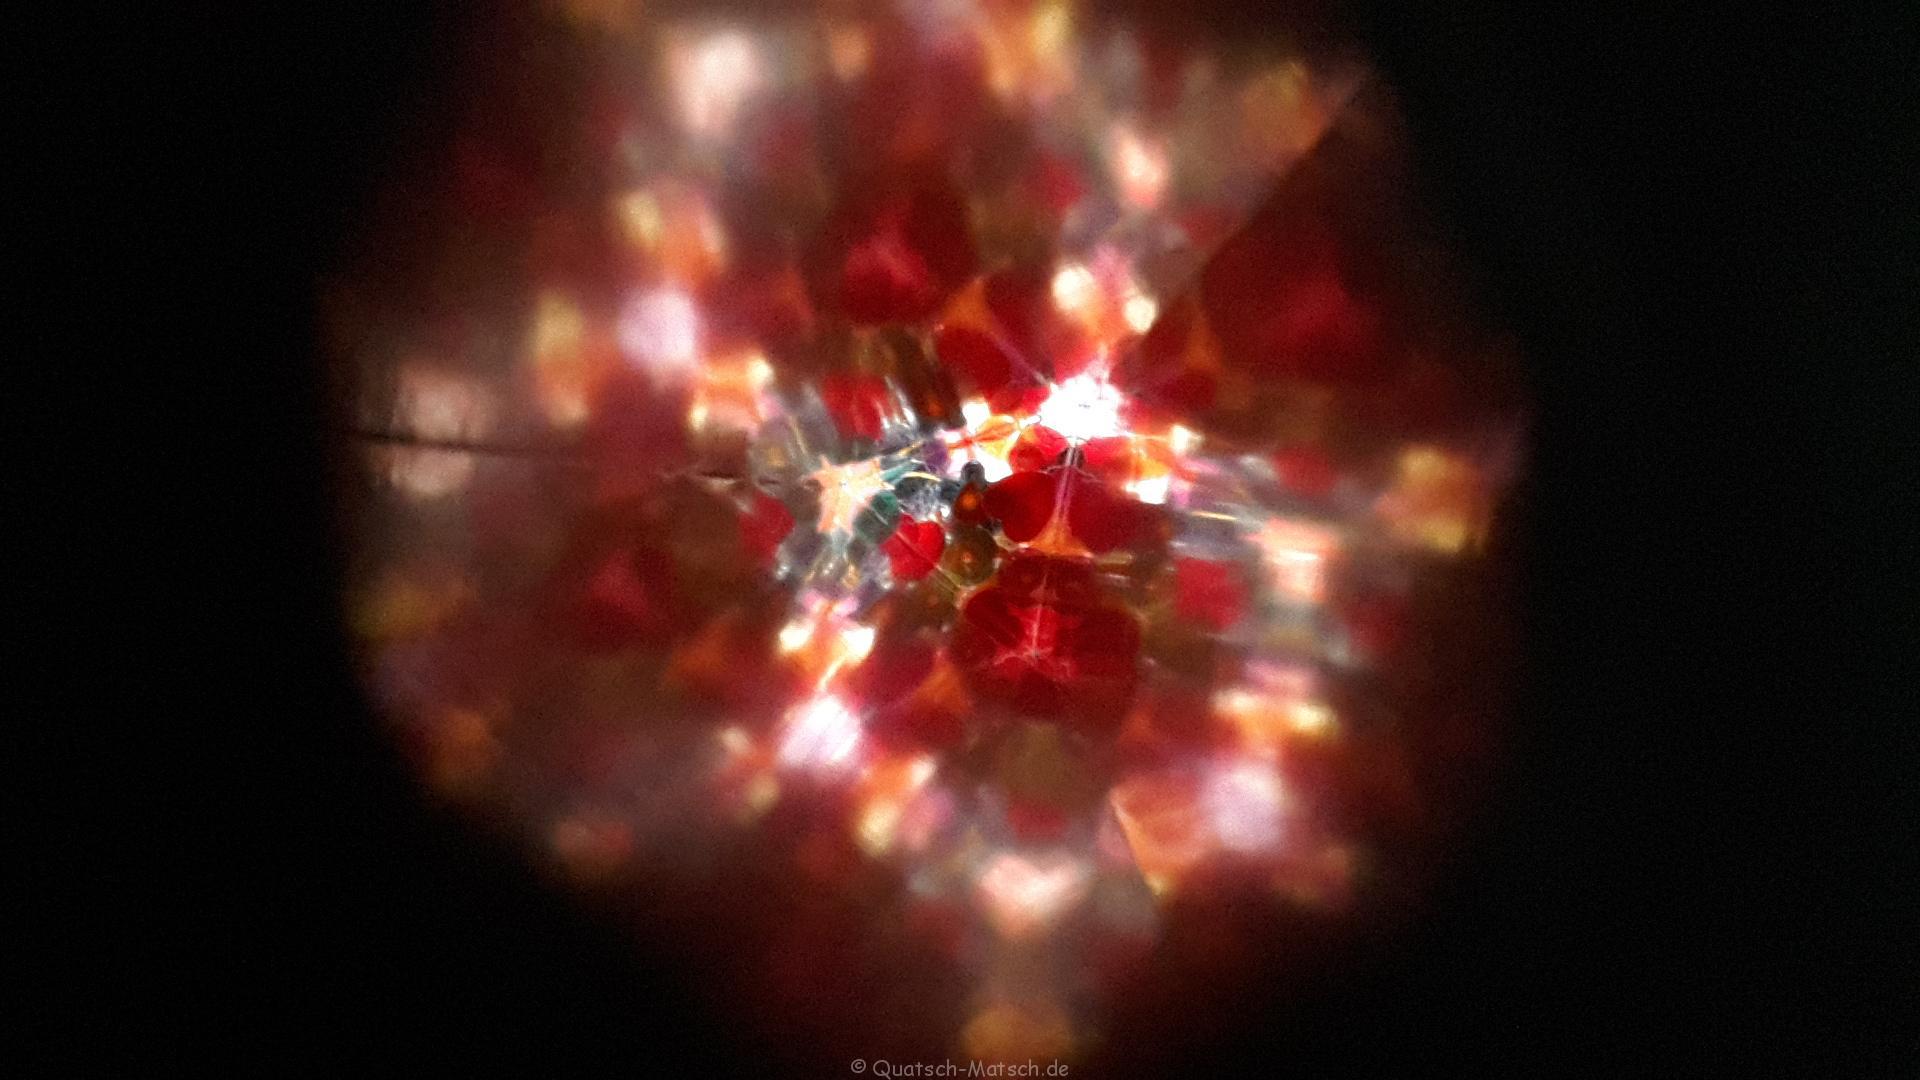 Cooles Kaleidoskop selber machen, schnell und einfach